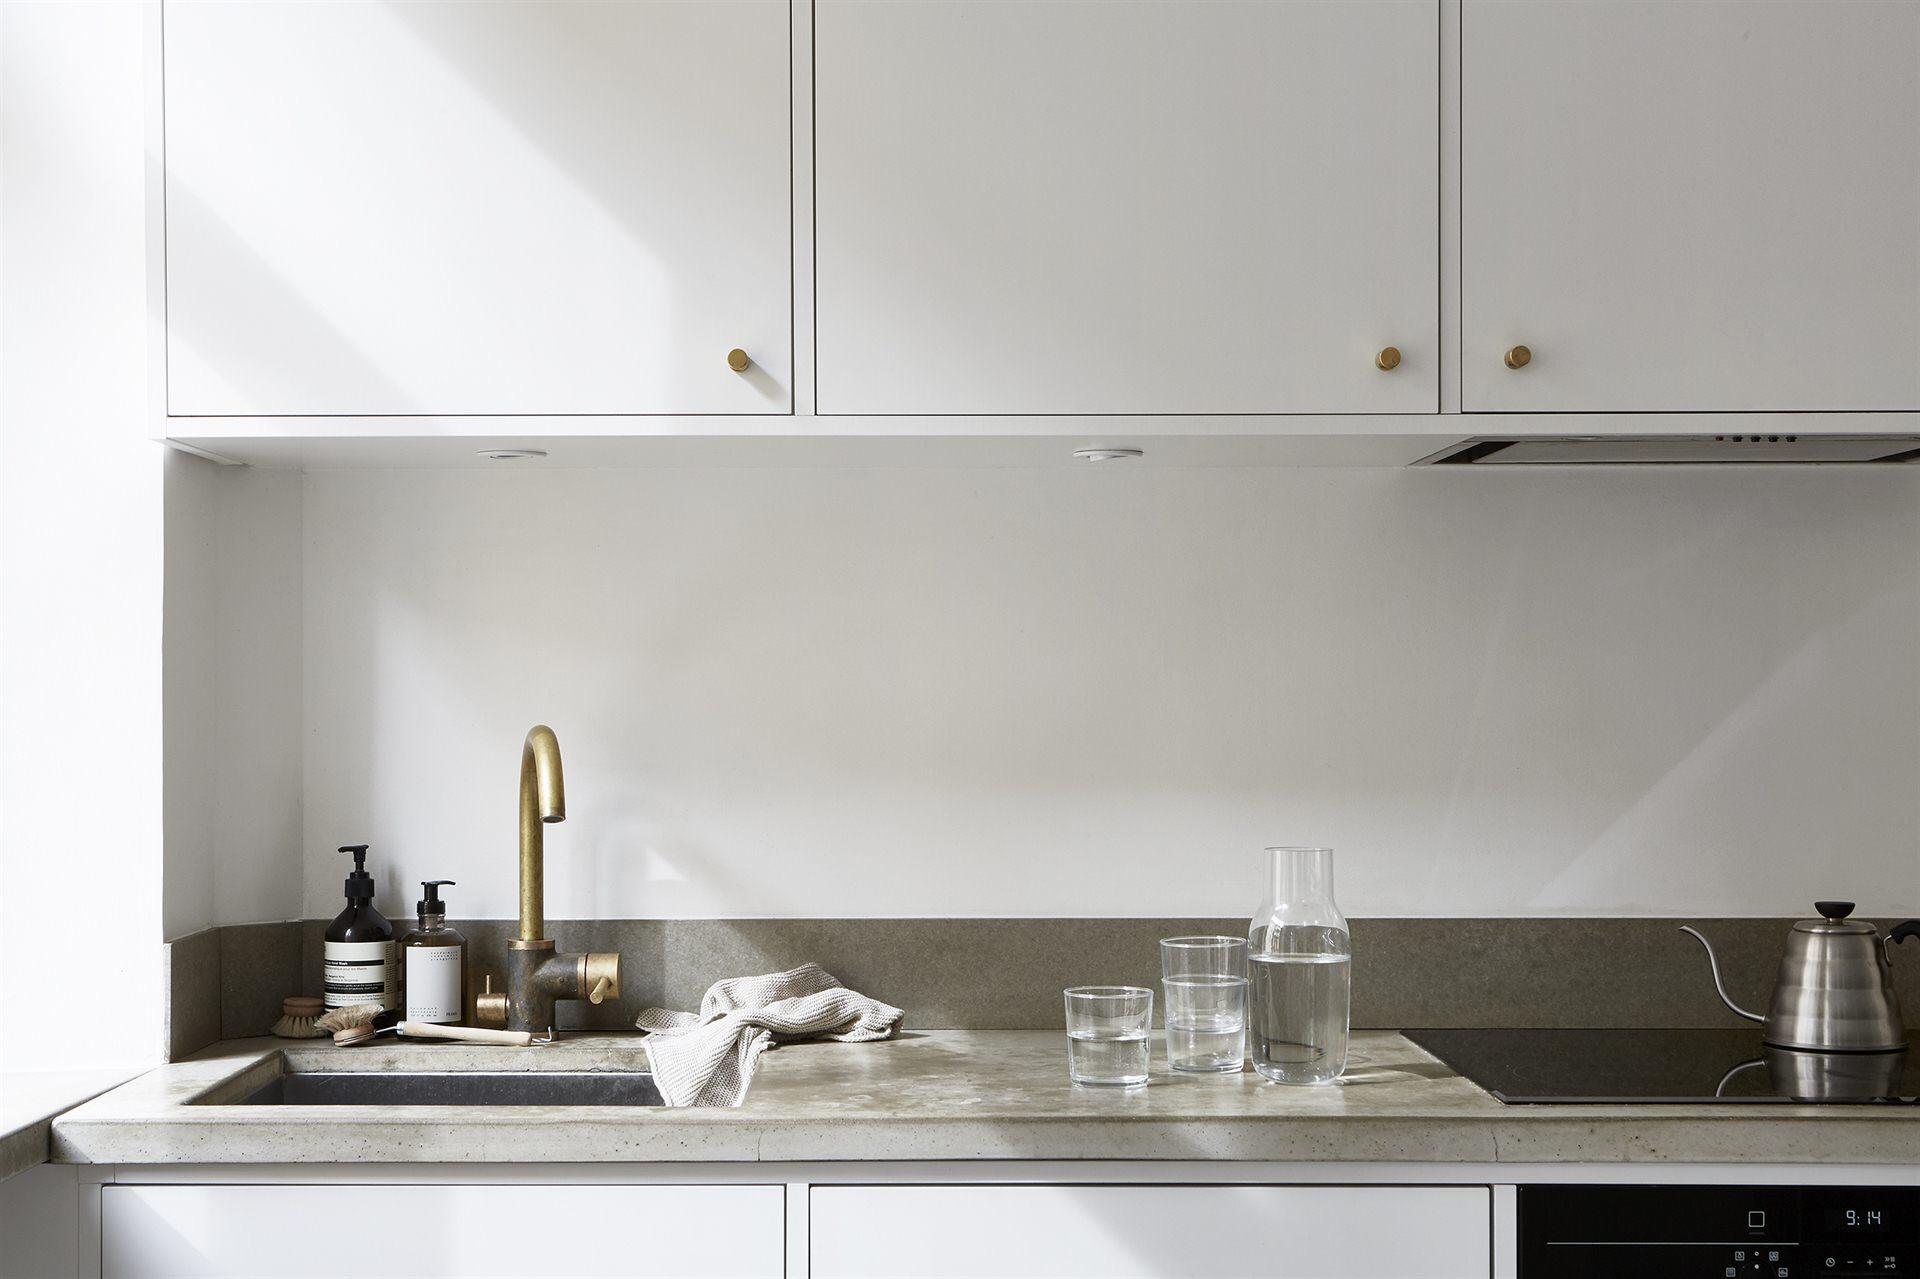 кухонная мебель бетонная столешница мойка смеситель варочная панель встроенная вытяжка